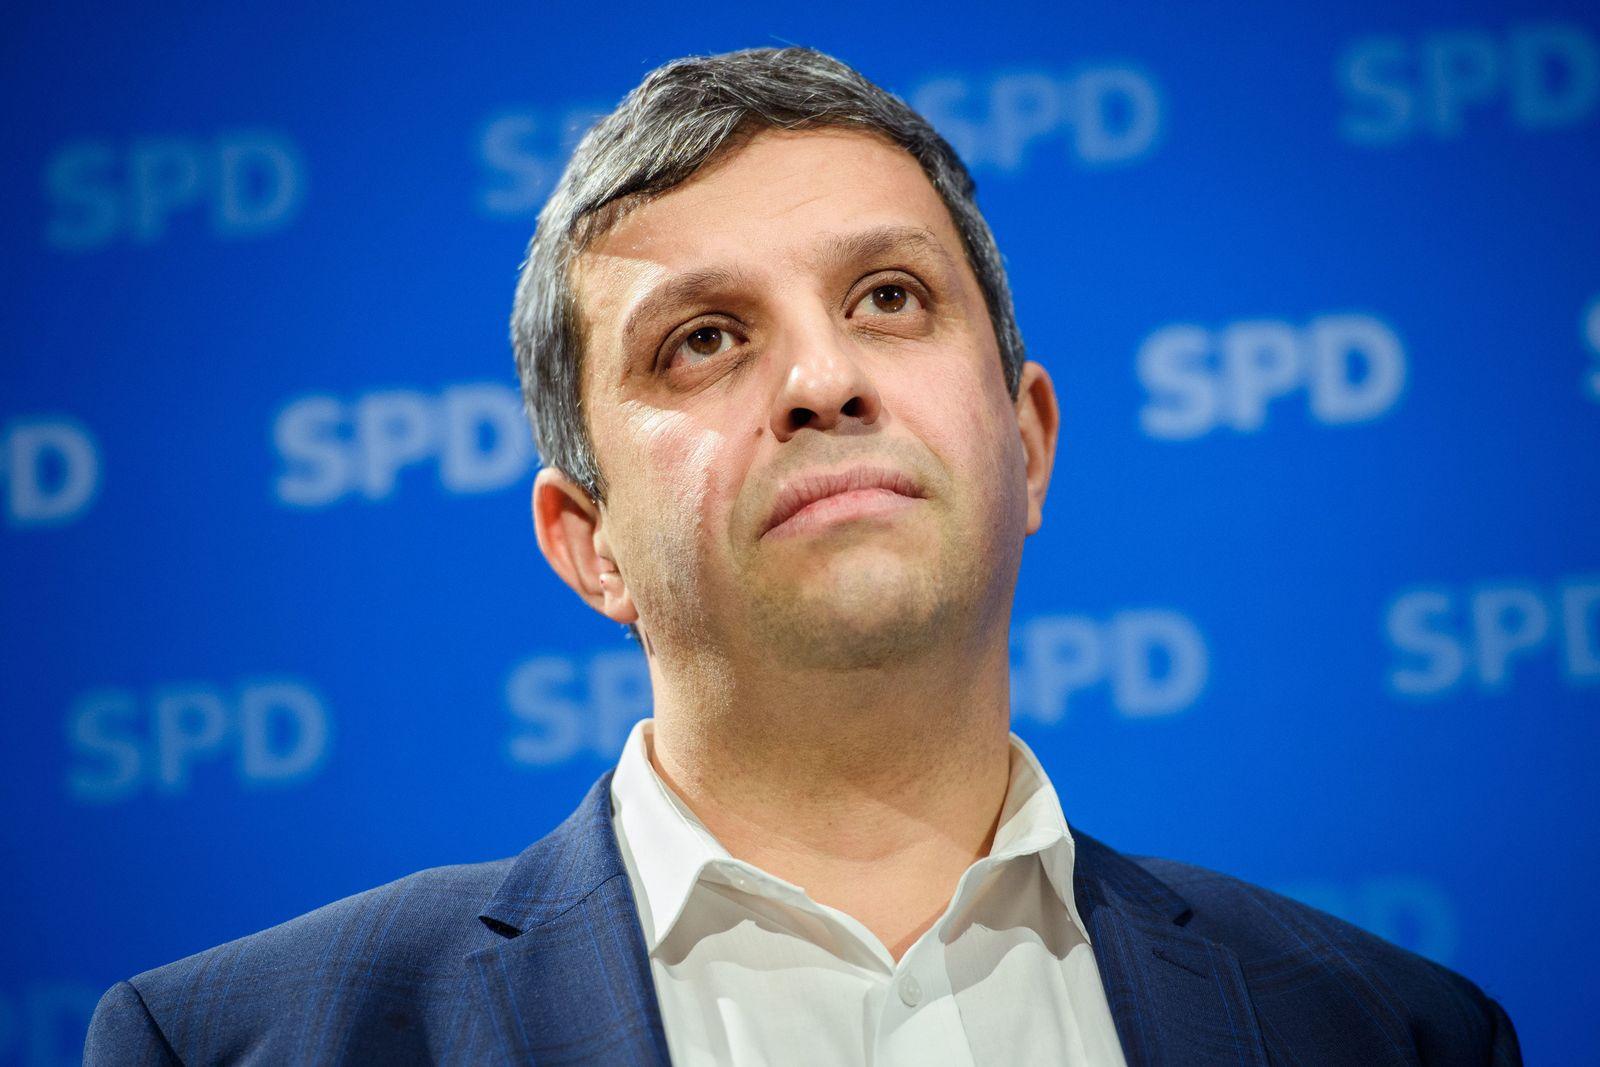 Berlins Bürgermeister Müller verzichtet auf SPD-Landesvorsitz